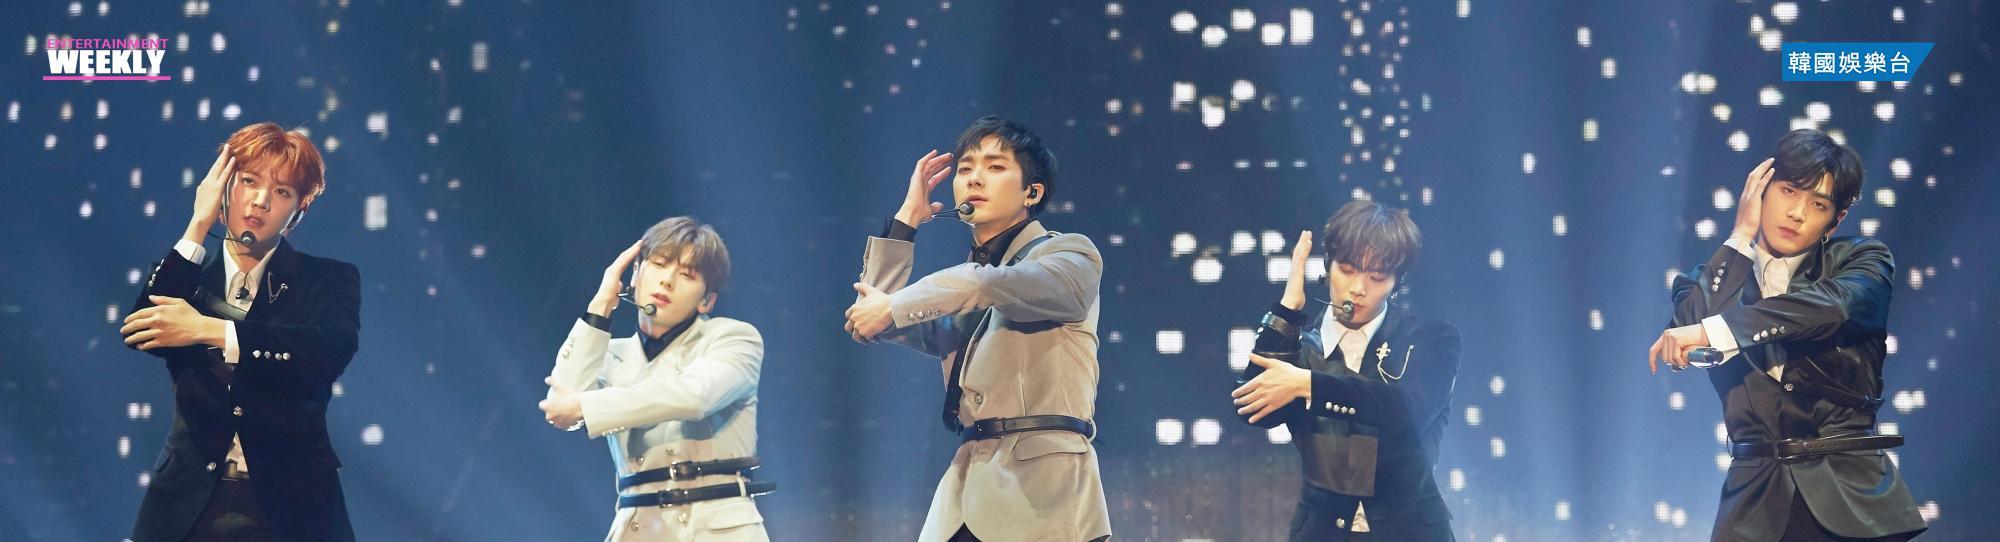 韓國娛樂週刊 338-NU'EST《L.O.Λ.E PAGE》